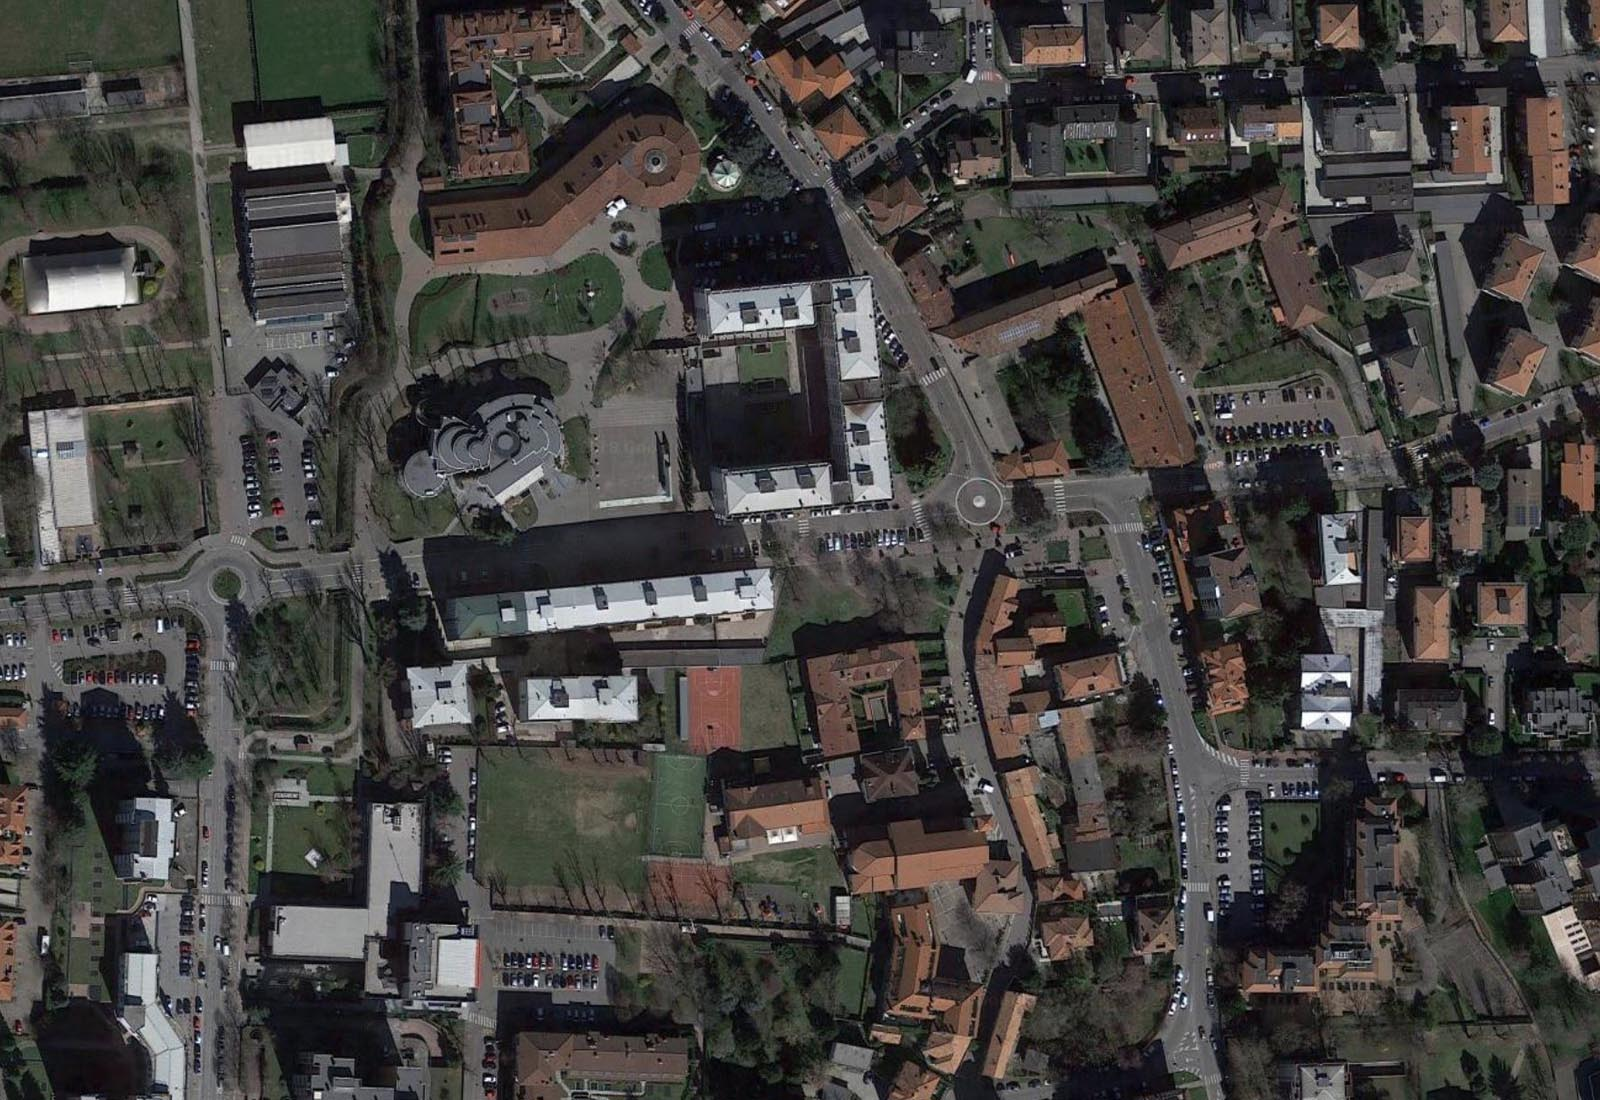 PGT Segrate - Vista aerea zenitale del centro storico